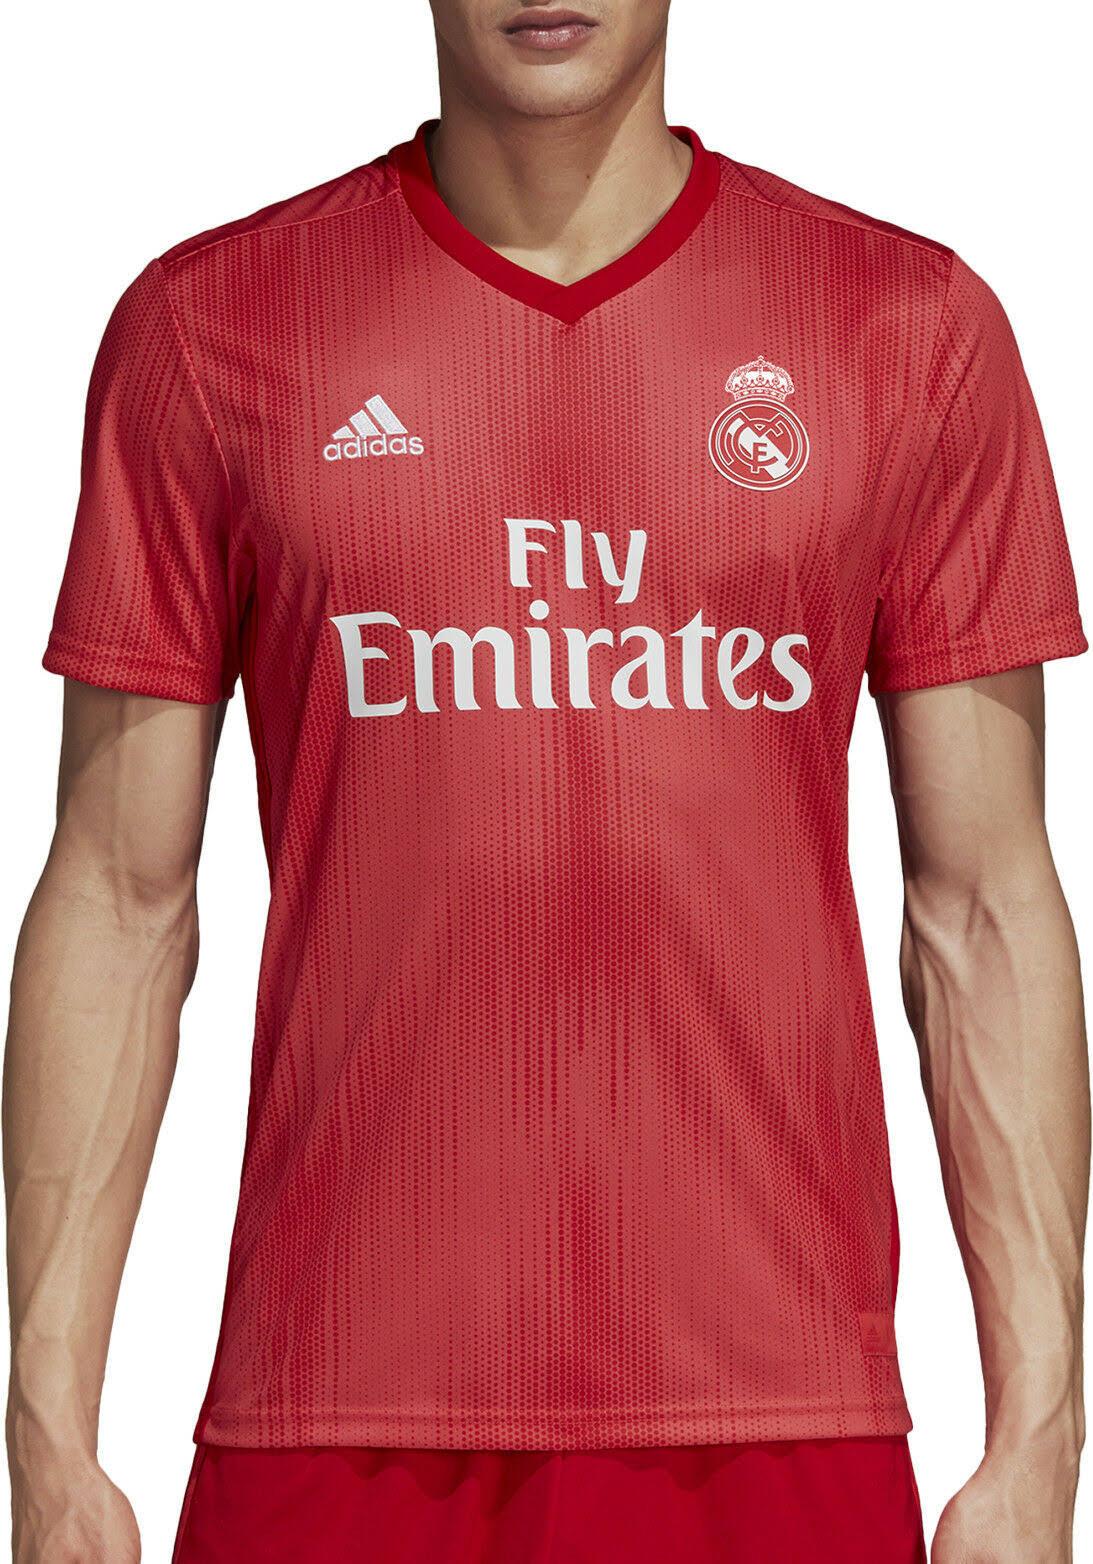 2018-2019 Real Madrid Adidas Third Football Shirt